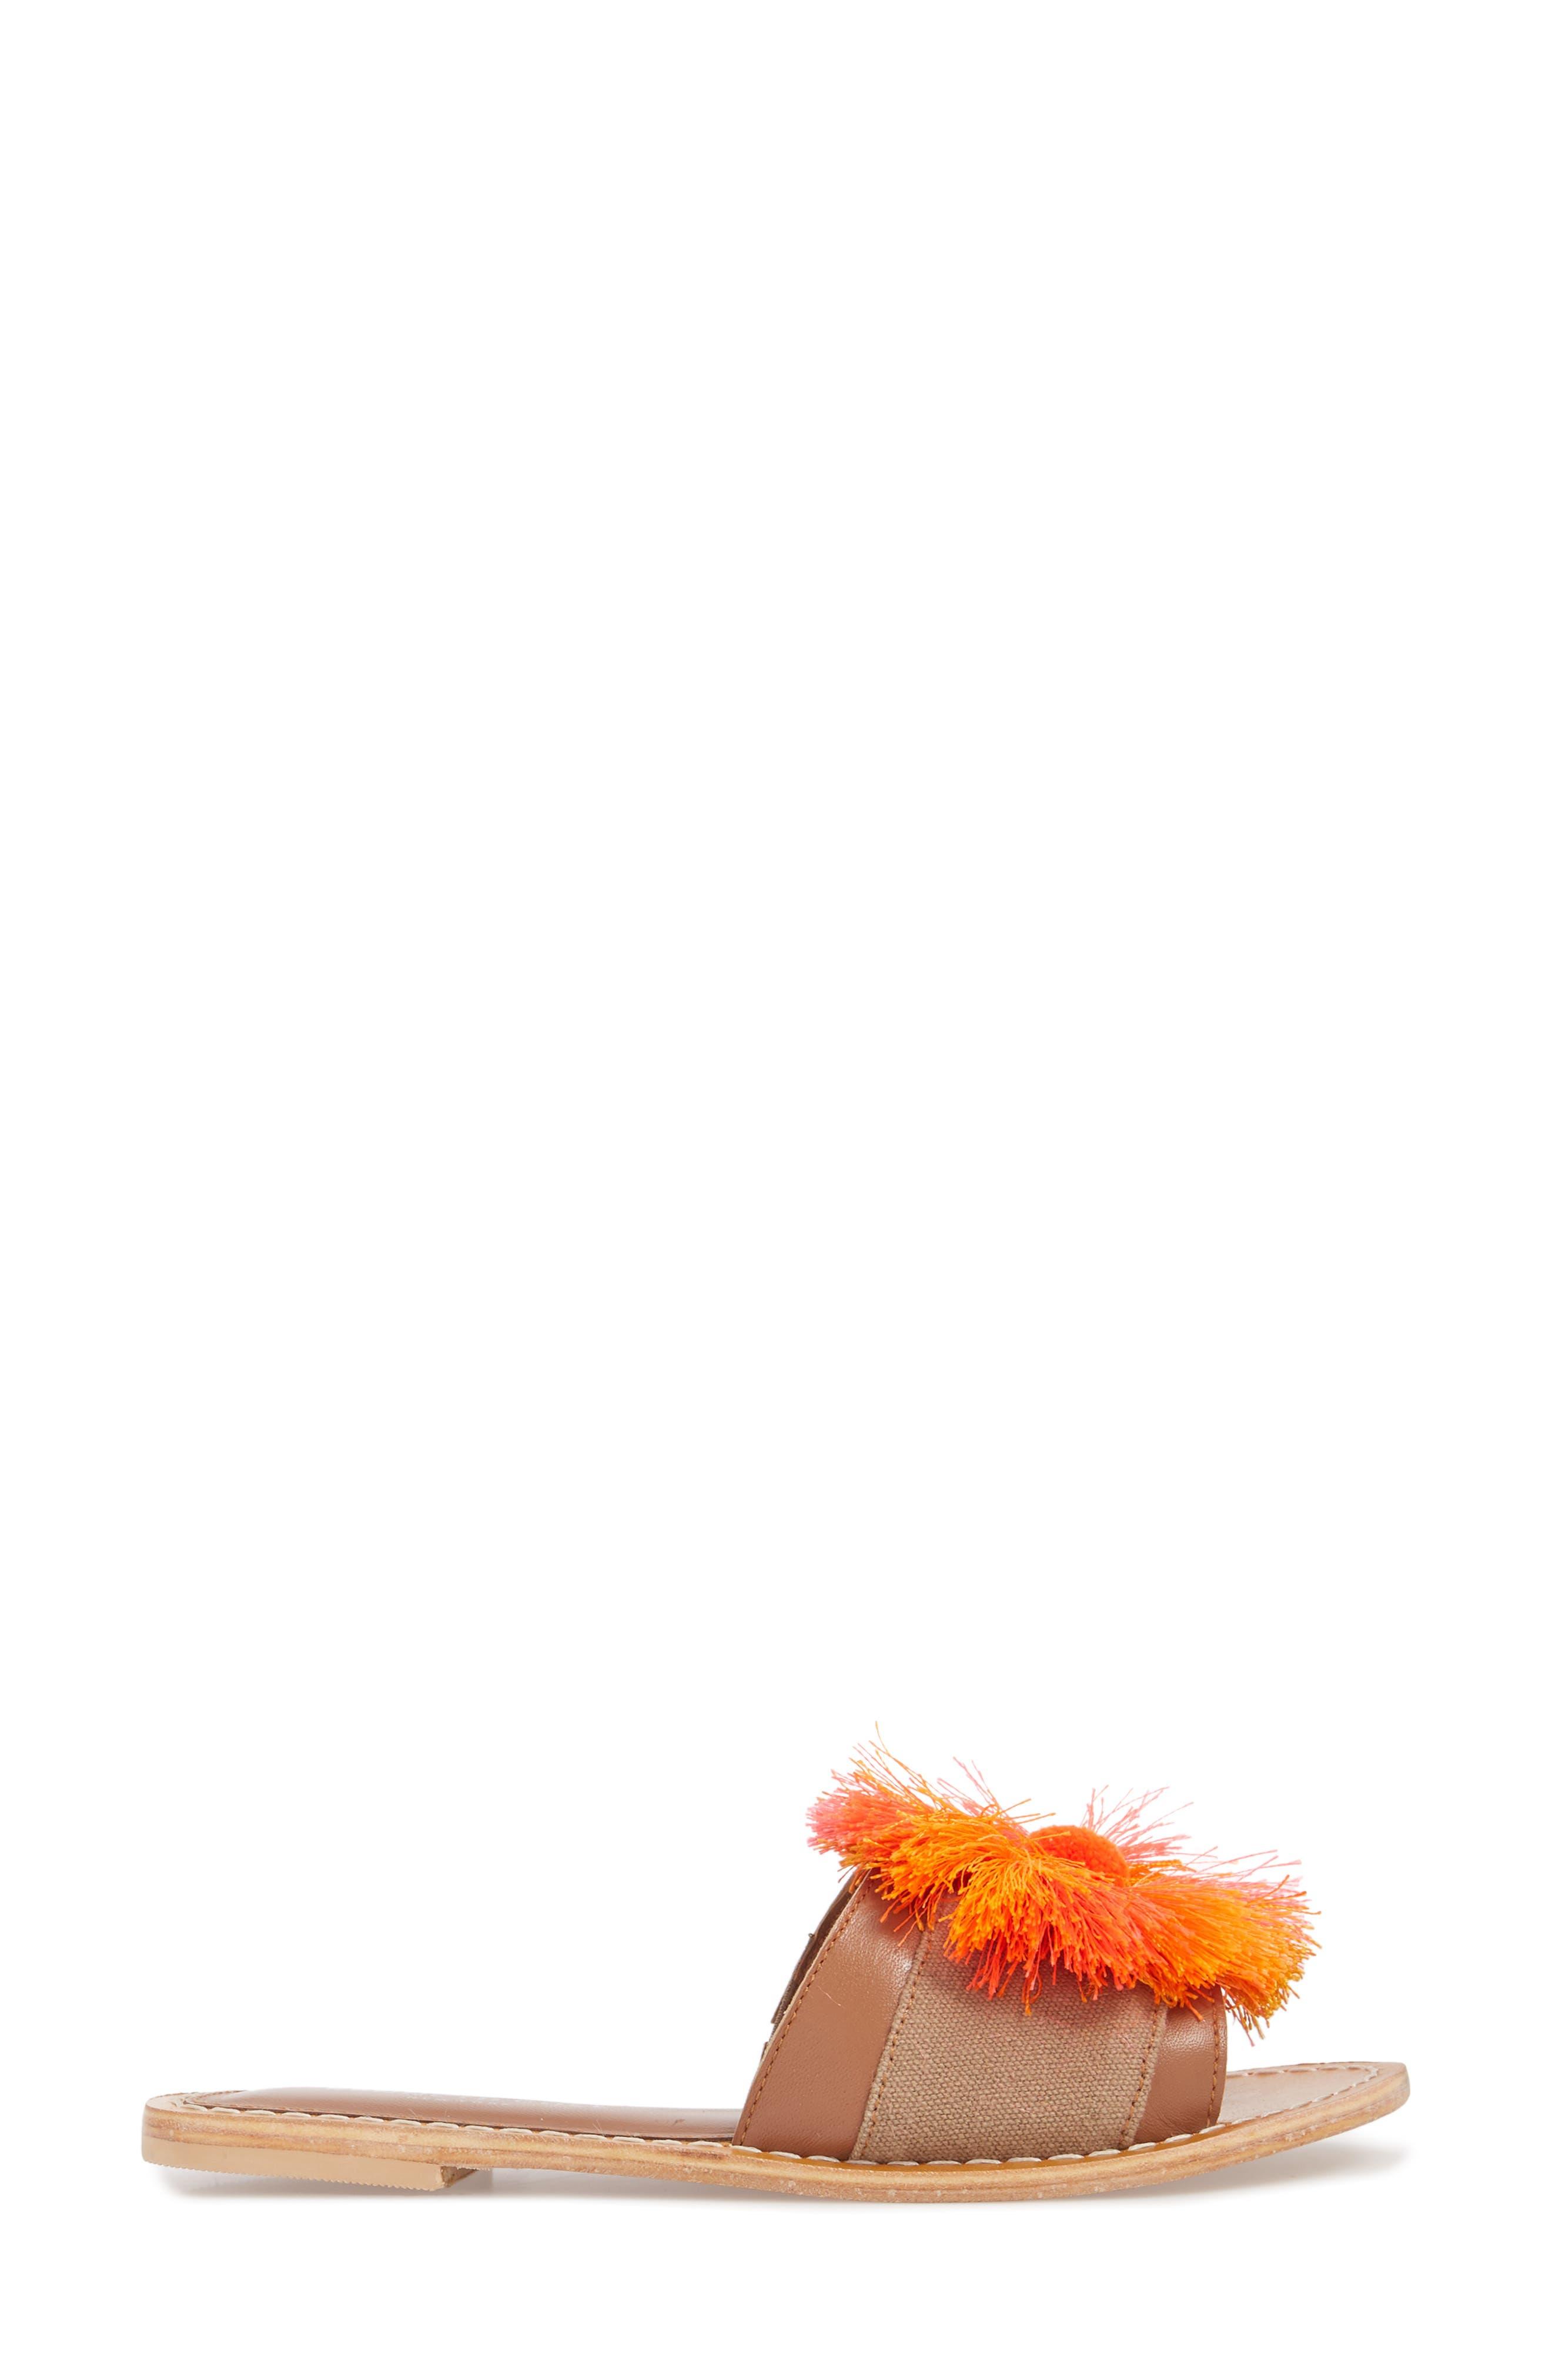 Orton Slide Sandal,                             Alternate thumbnail 3, color,                             Orange Multi Fabric